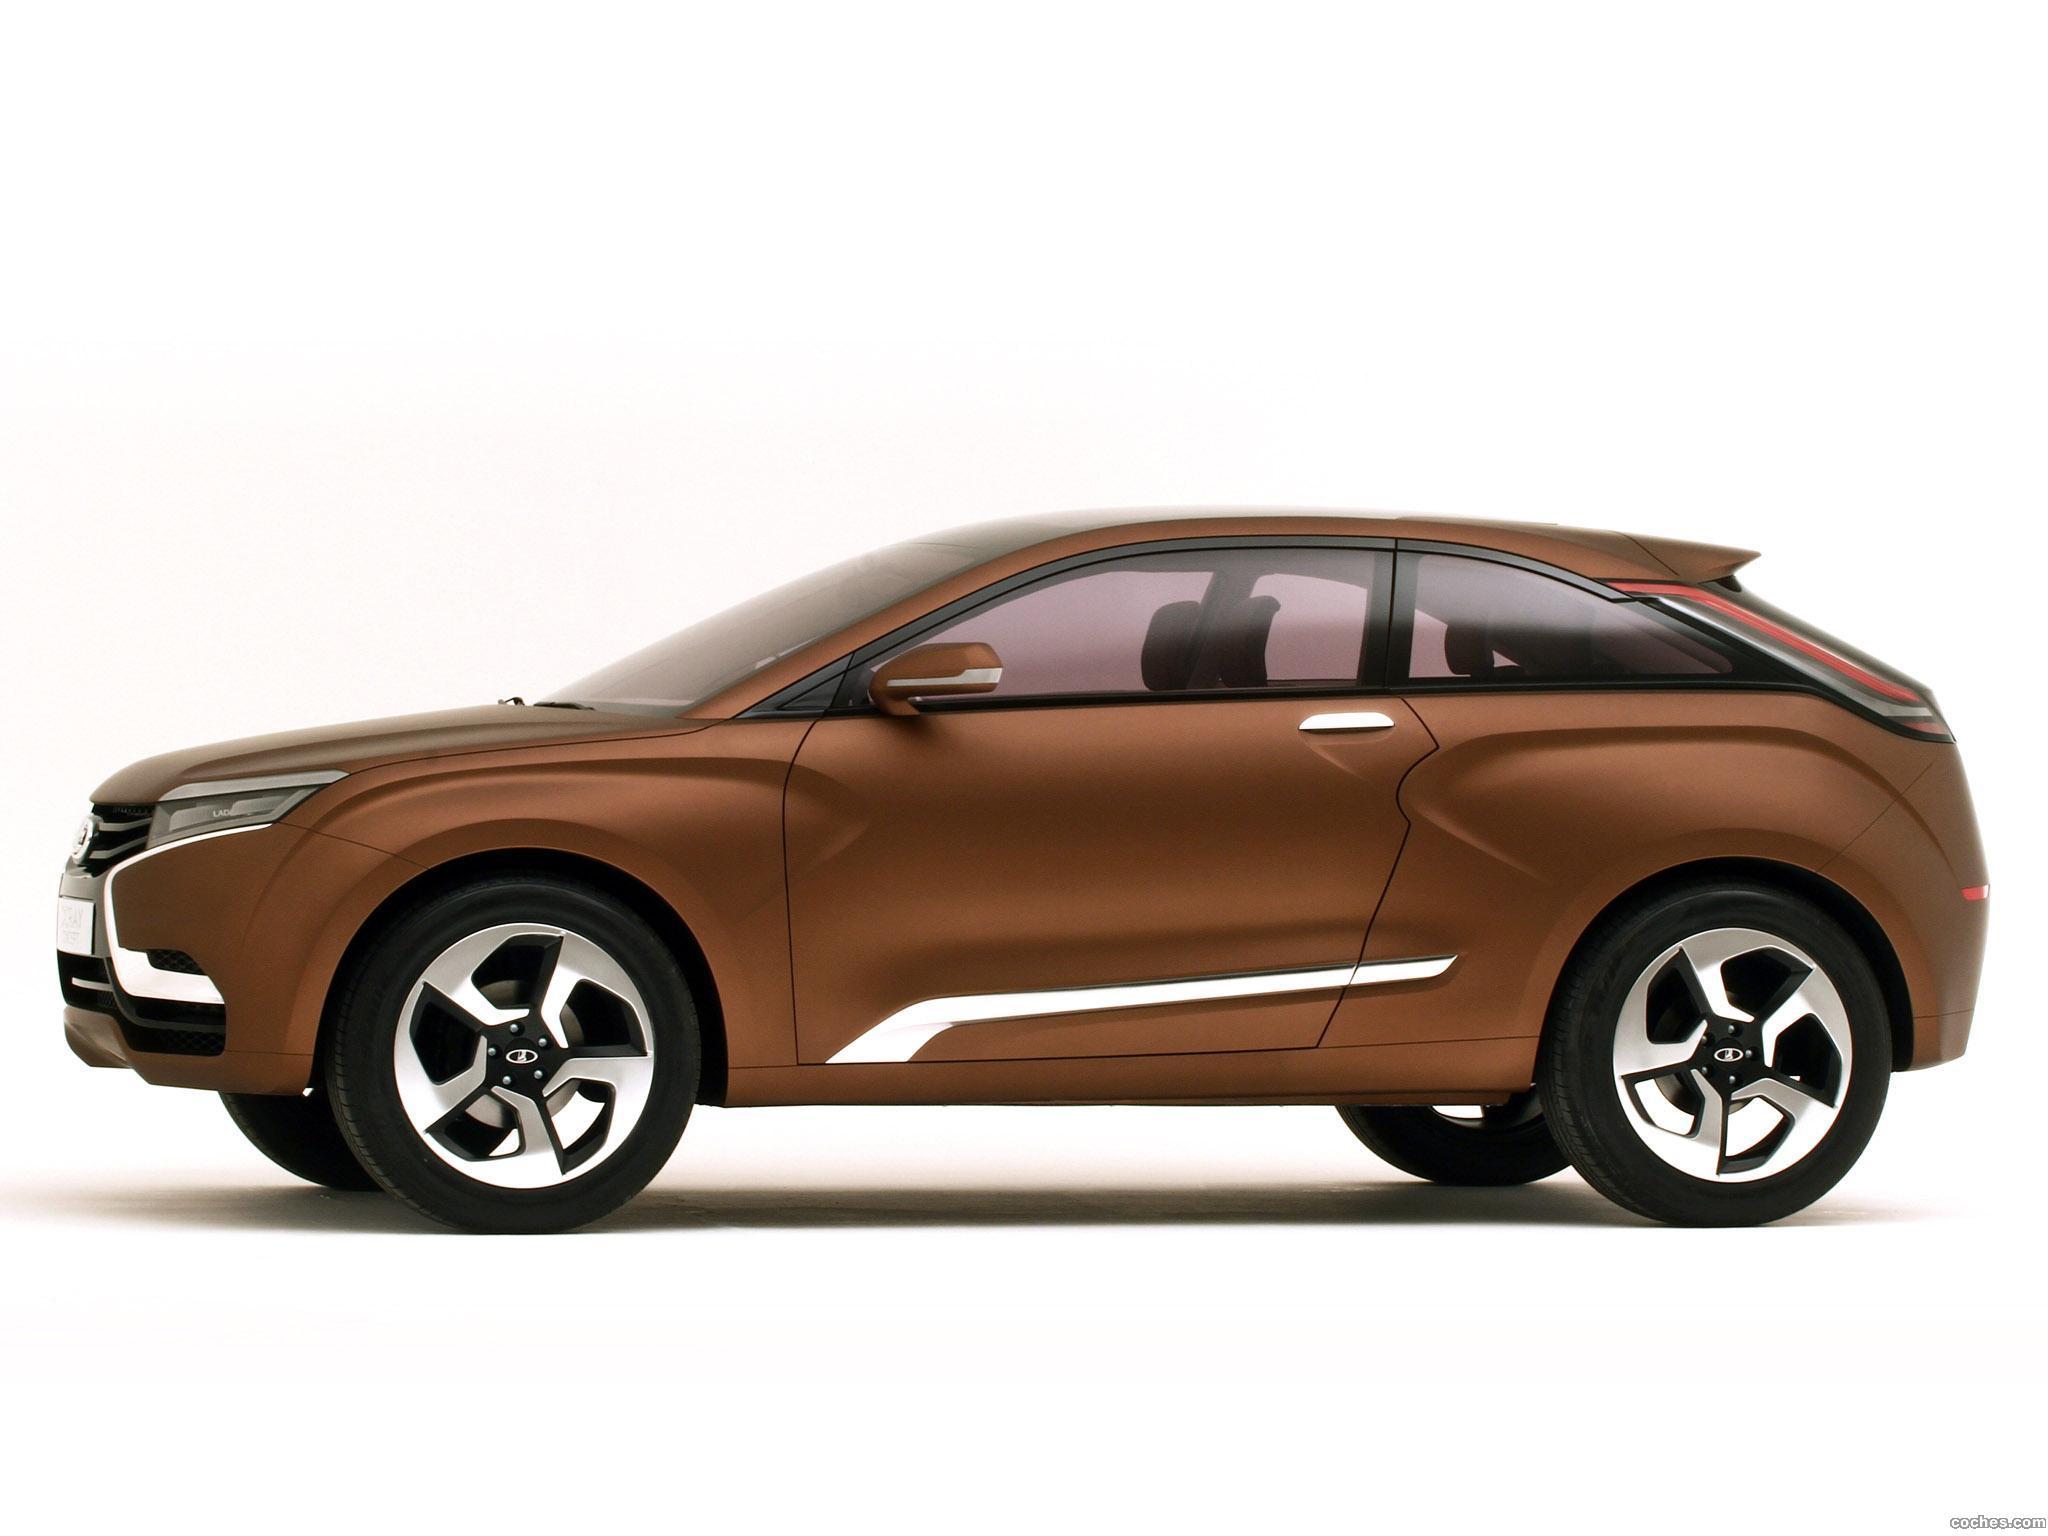 Foto 8 de Lada XRAY Concept 2012